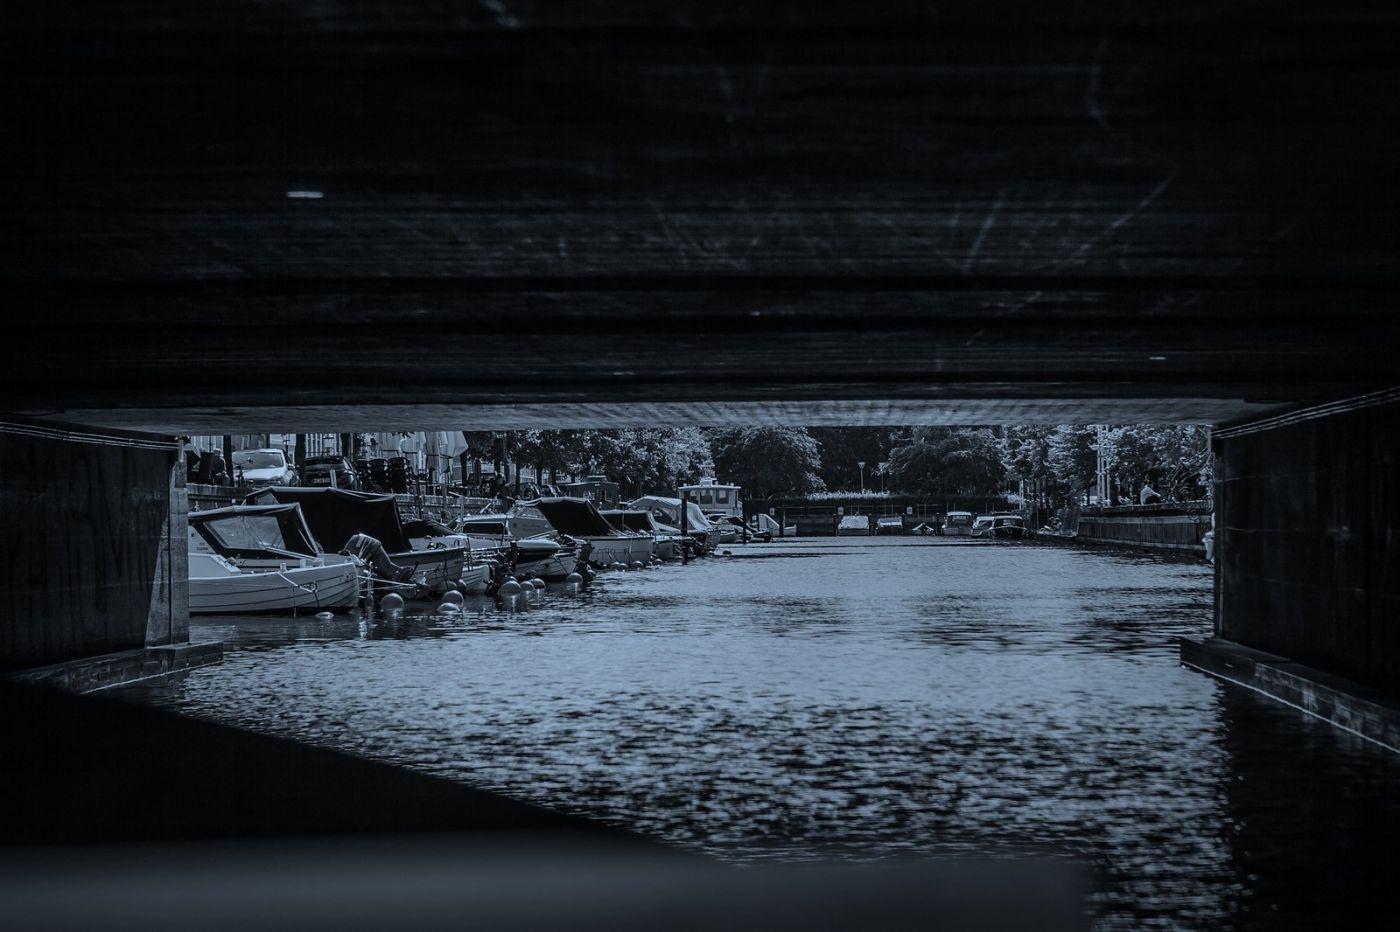 丹麦哥本哈根,坐船看市景_图1-40